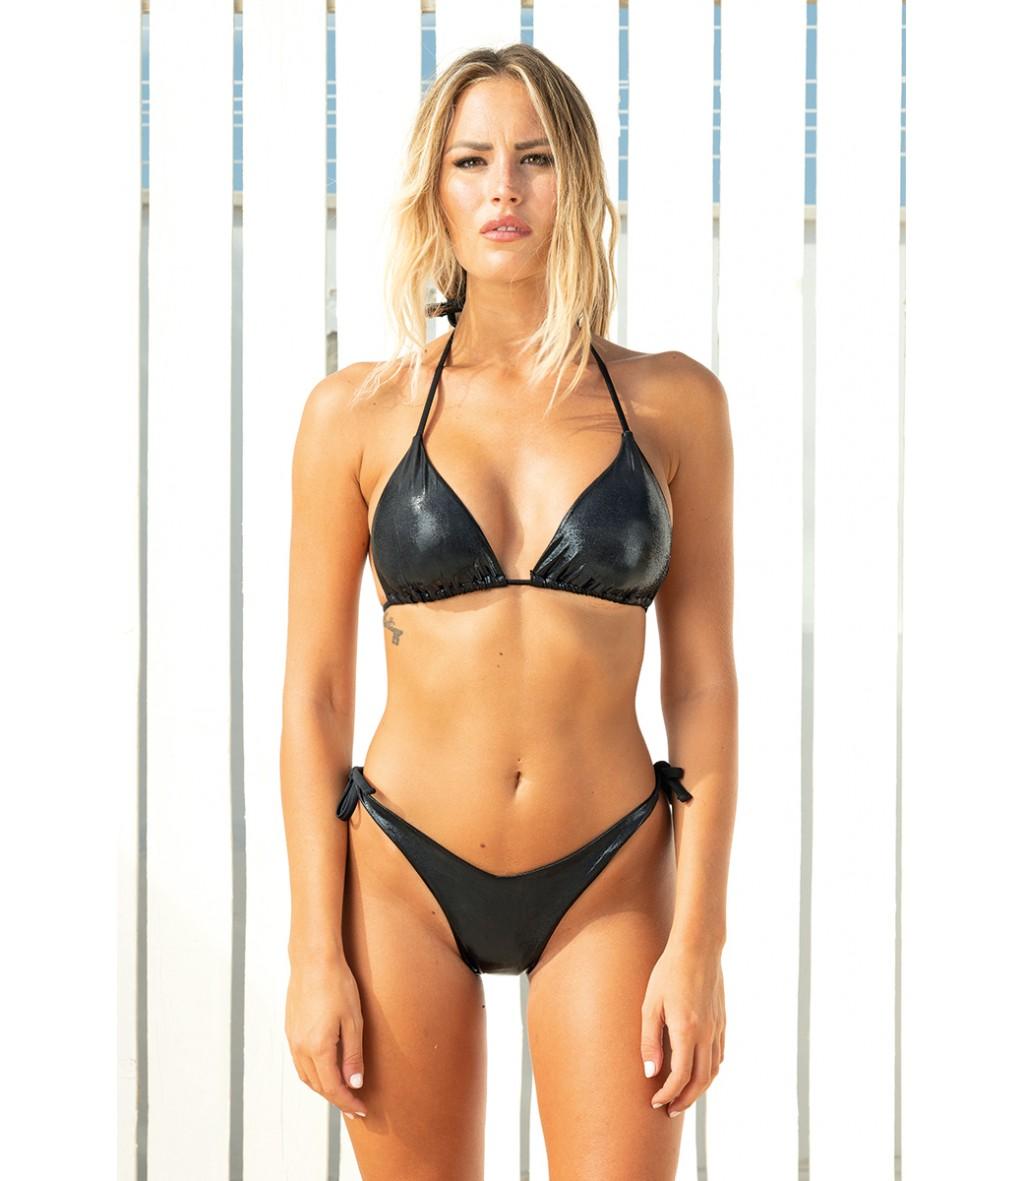 Acquista ora il bikini a triangolo in microfibra spalmata in tinta unita nero di Yes Your Everyday Superhero.